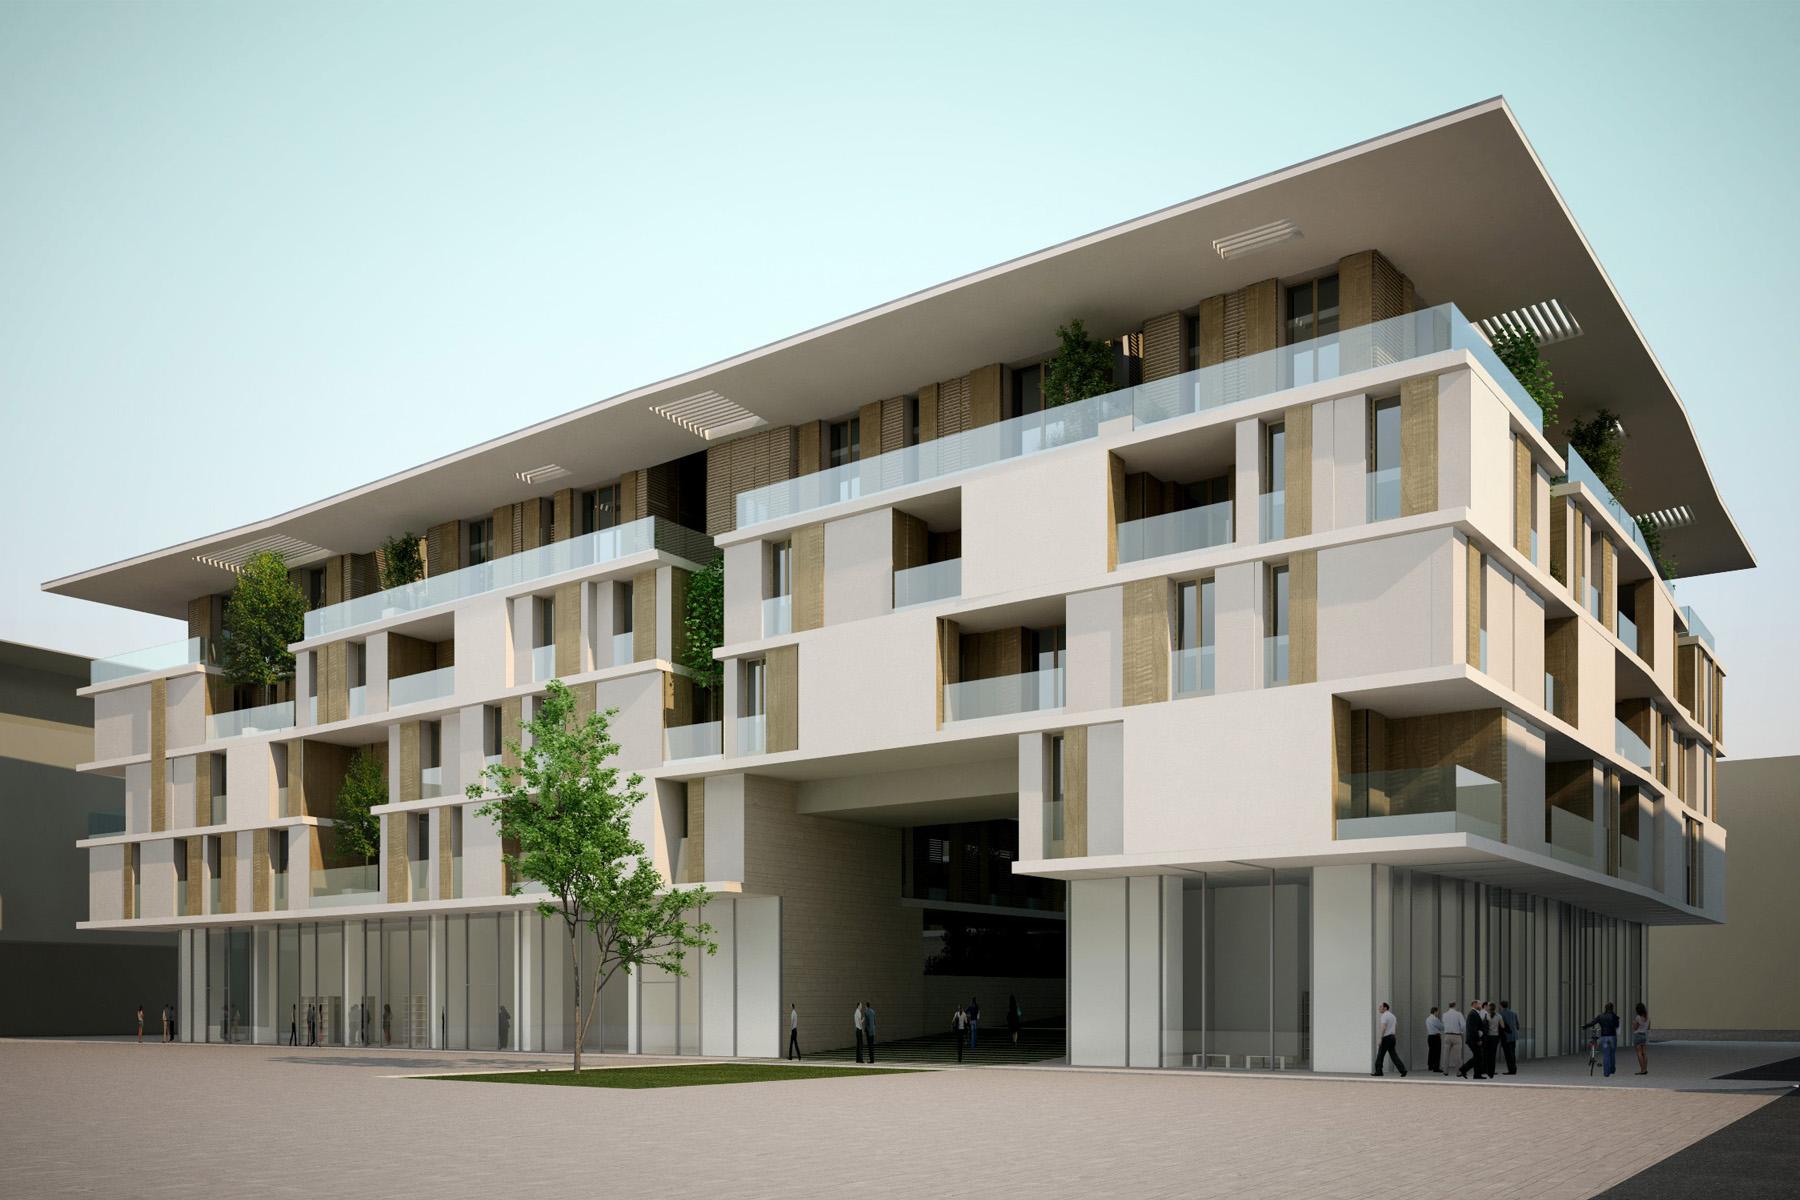 Alessandro bucci architetti for Progettazione di piani abitativi residenziali